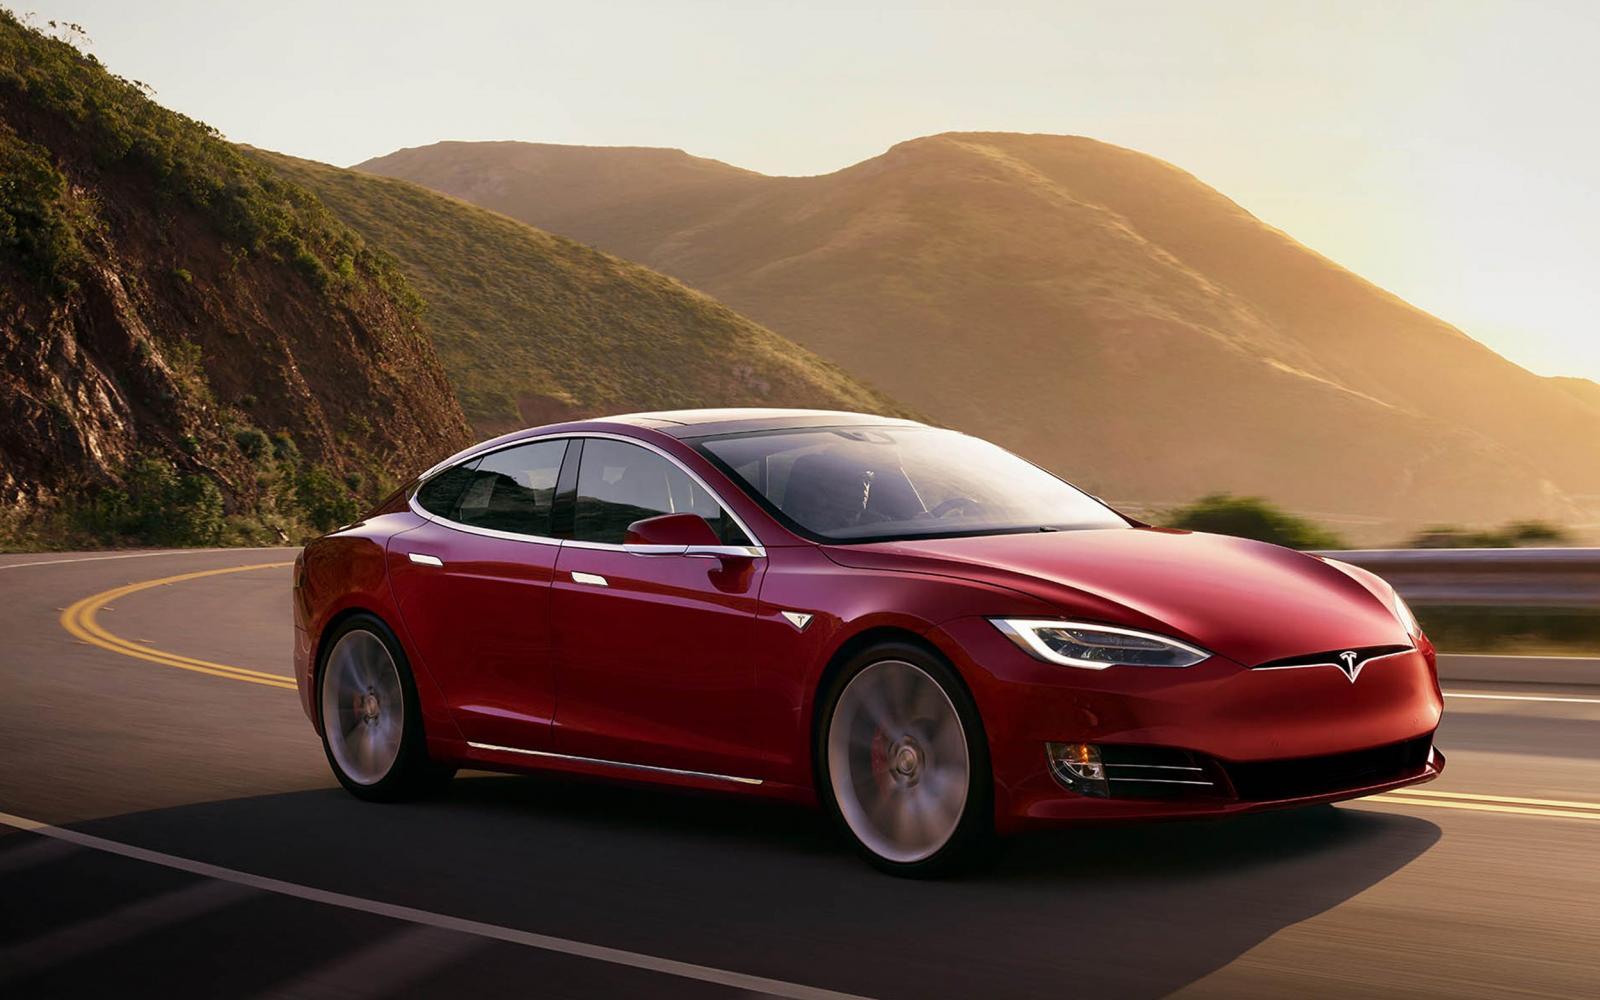 Top et flop : La bonne et la mauvaise nouvelle automobile de la semaine 23